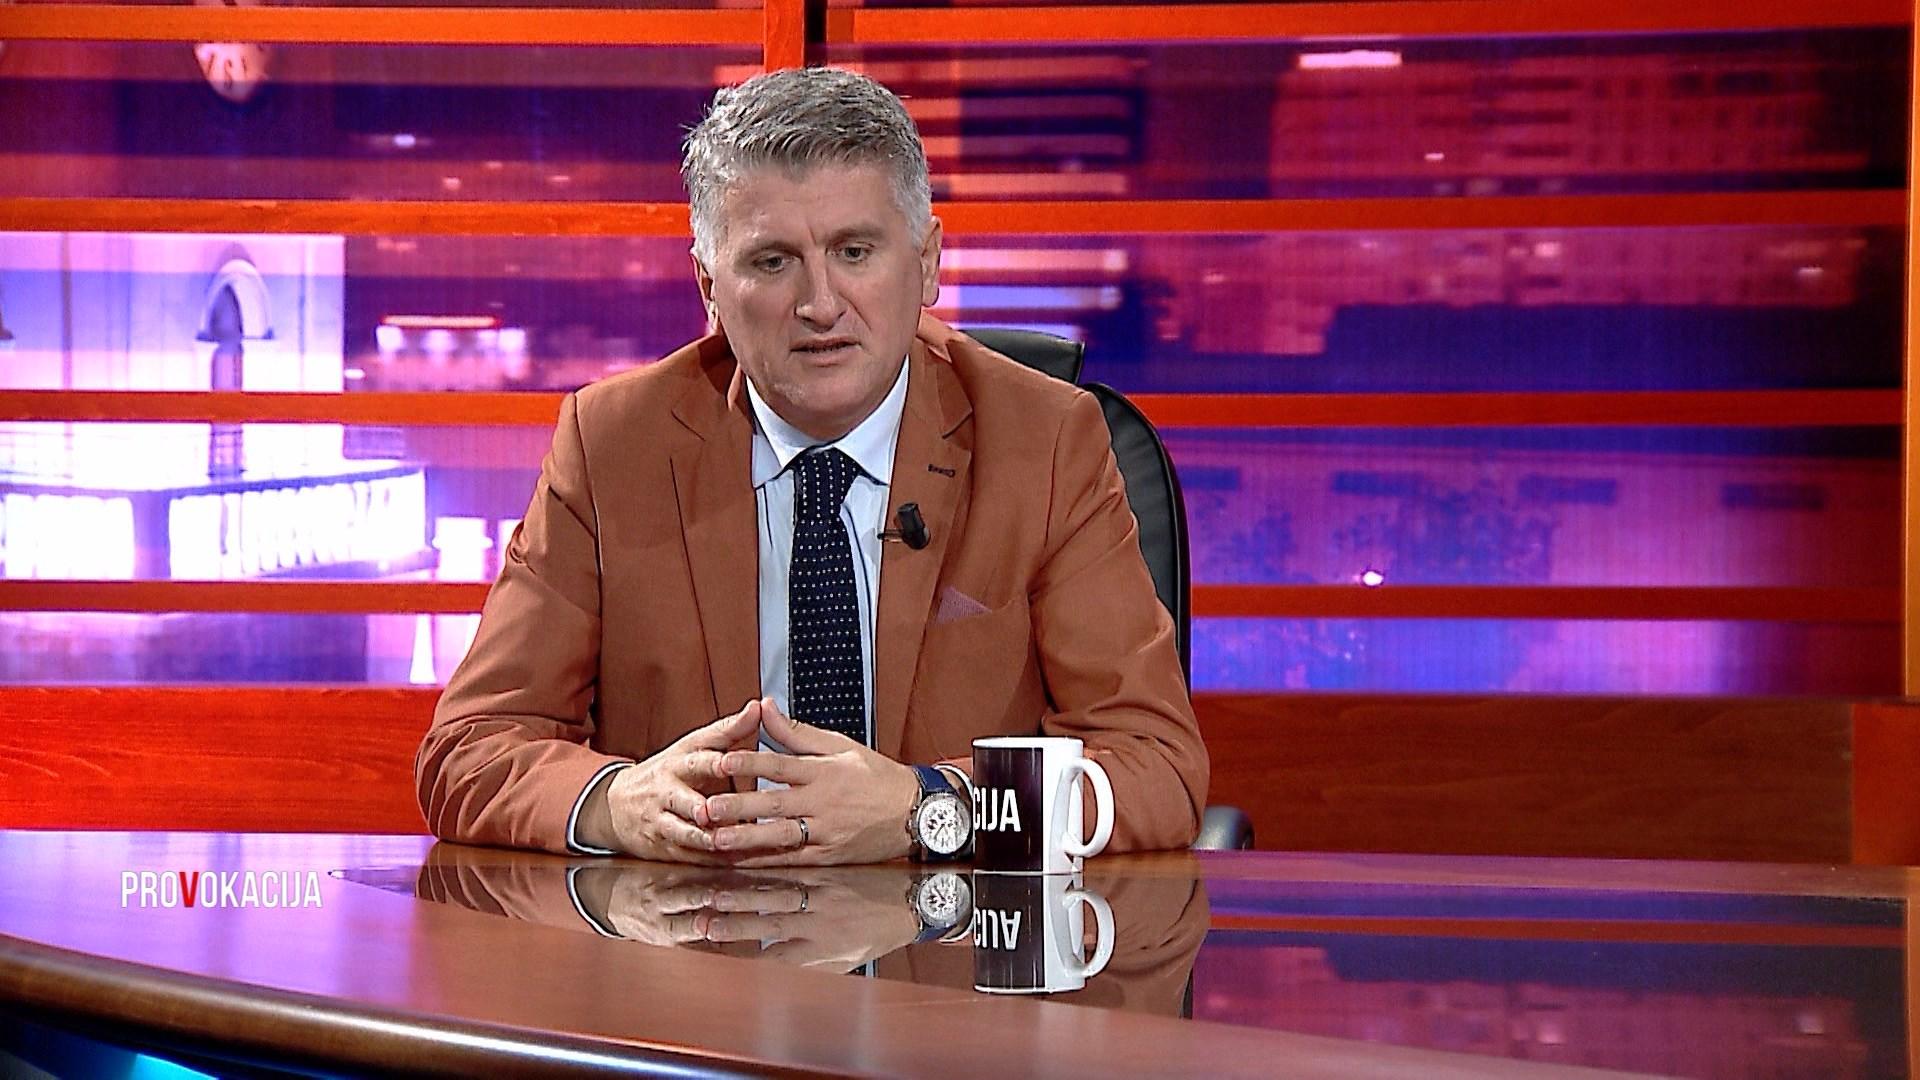 Gjekmarkaj: Në Shqipëri ka vdekur shpresa, jemi në pikën e mjerimit në çdo pikëpamje